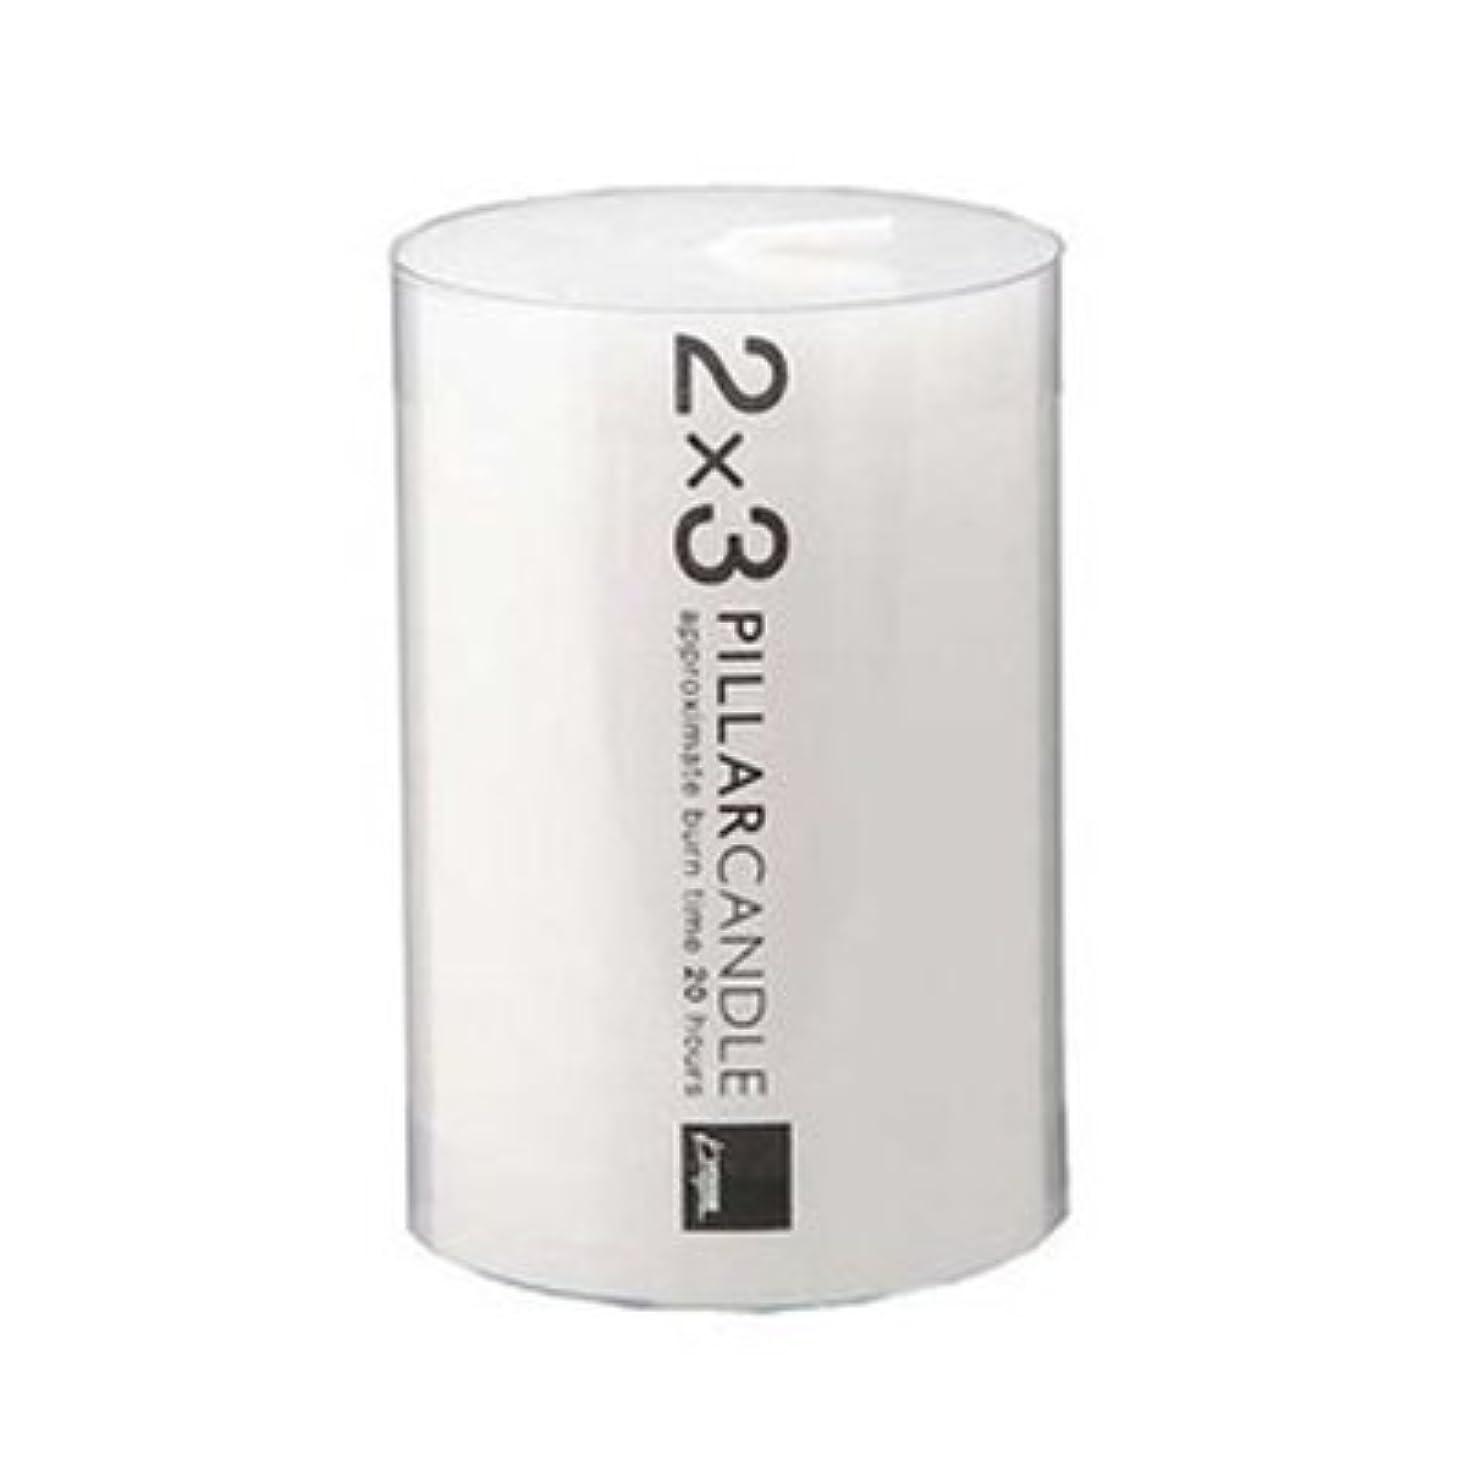 情熱仕様側溝カメヤマキャンドル 2×3 ピラーキャンドル ホワイト